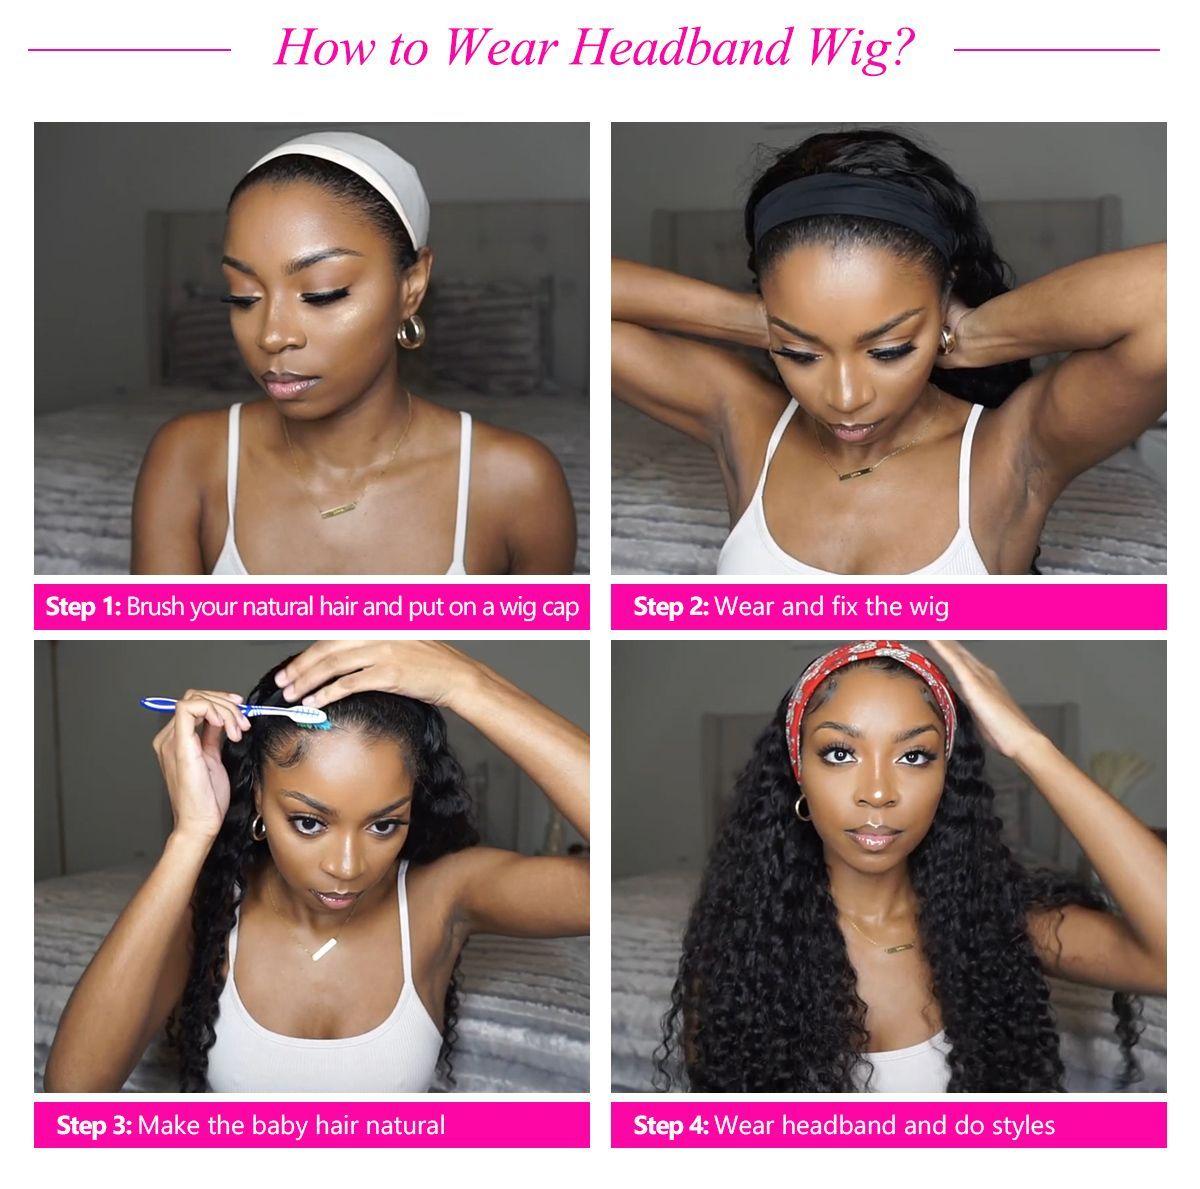 How to wear headband wig